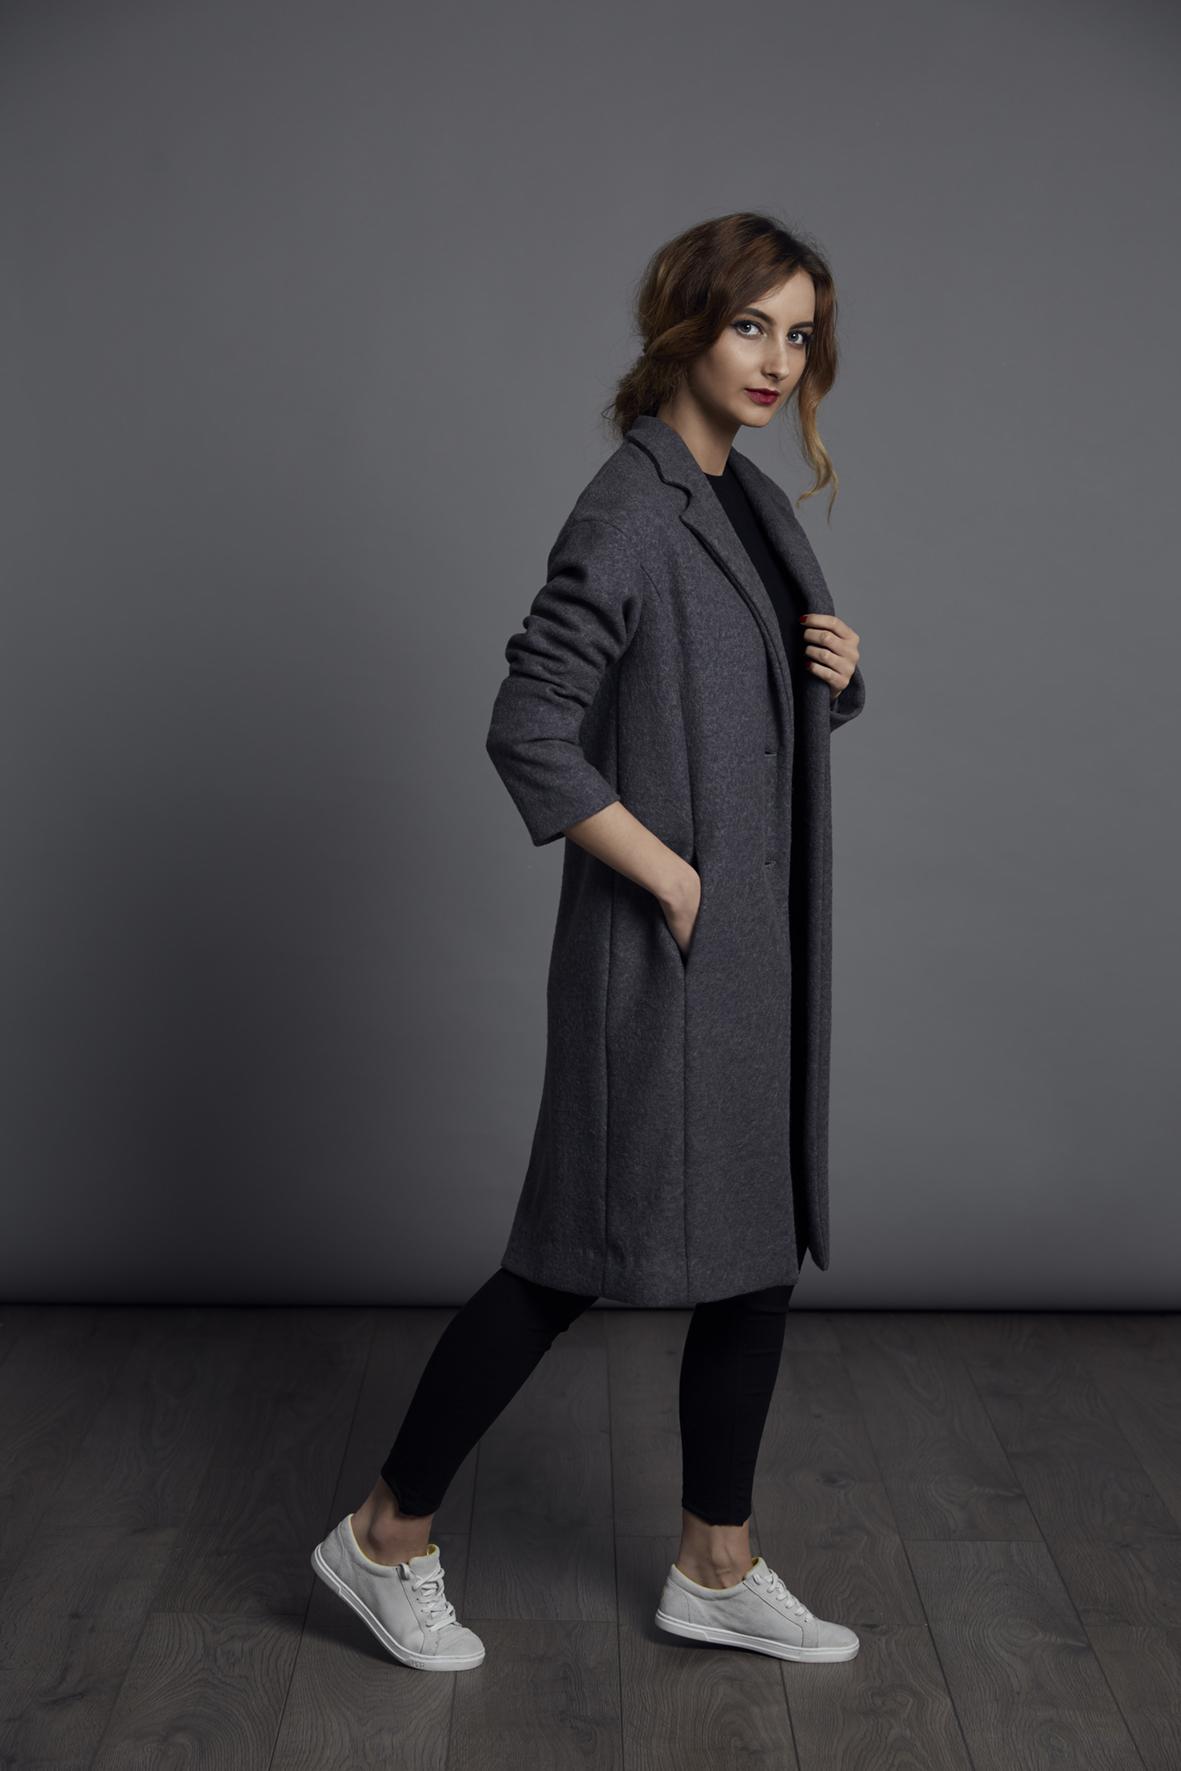 The Coat from The Avid Seamstress